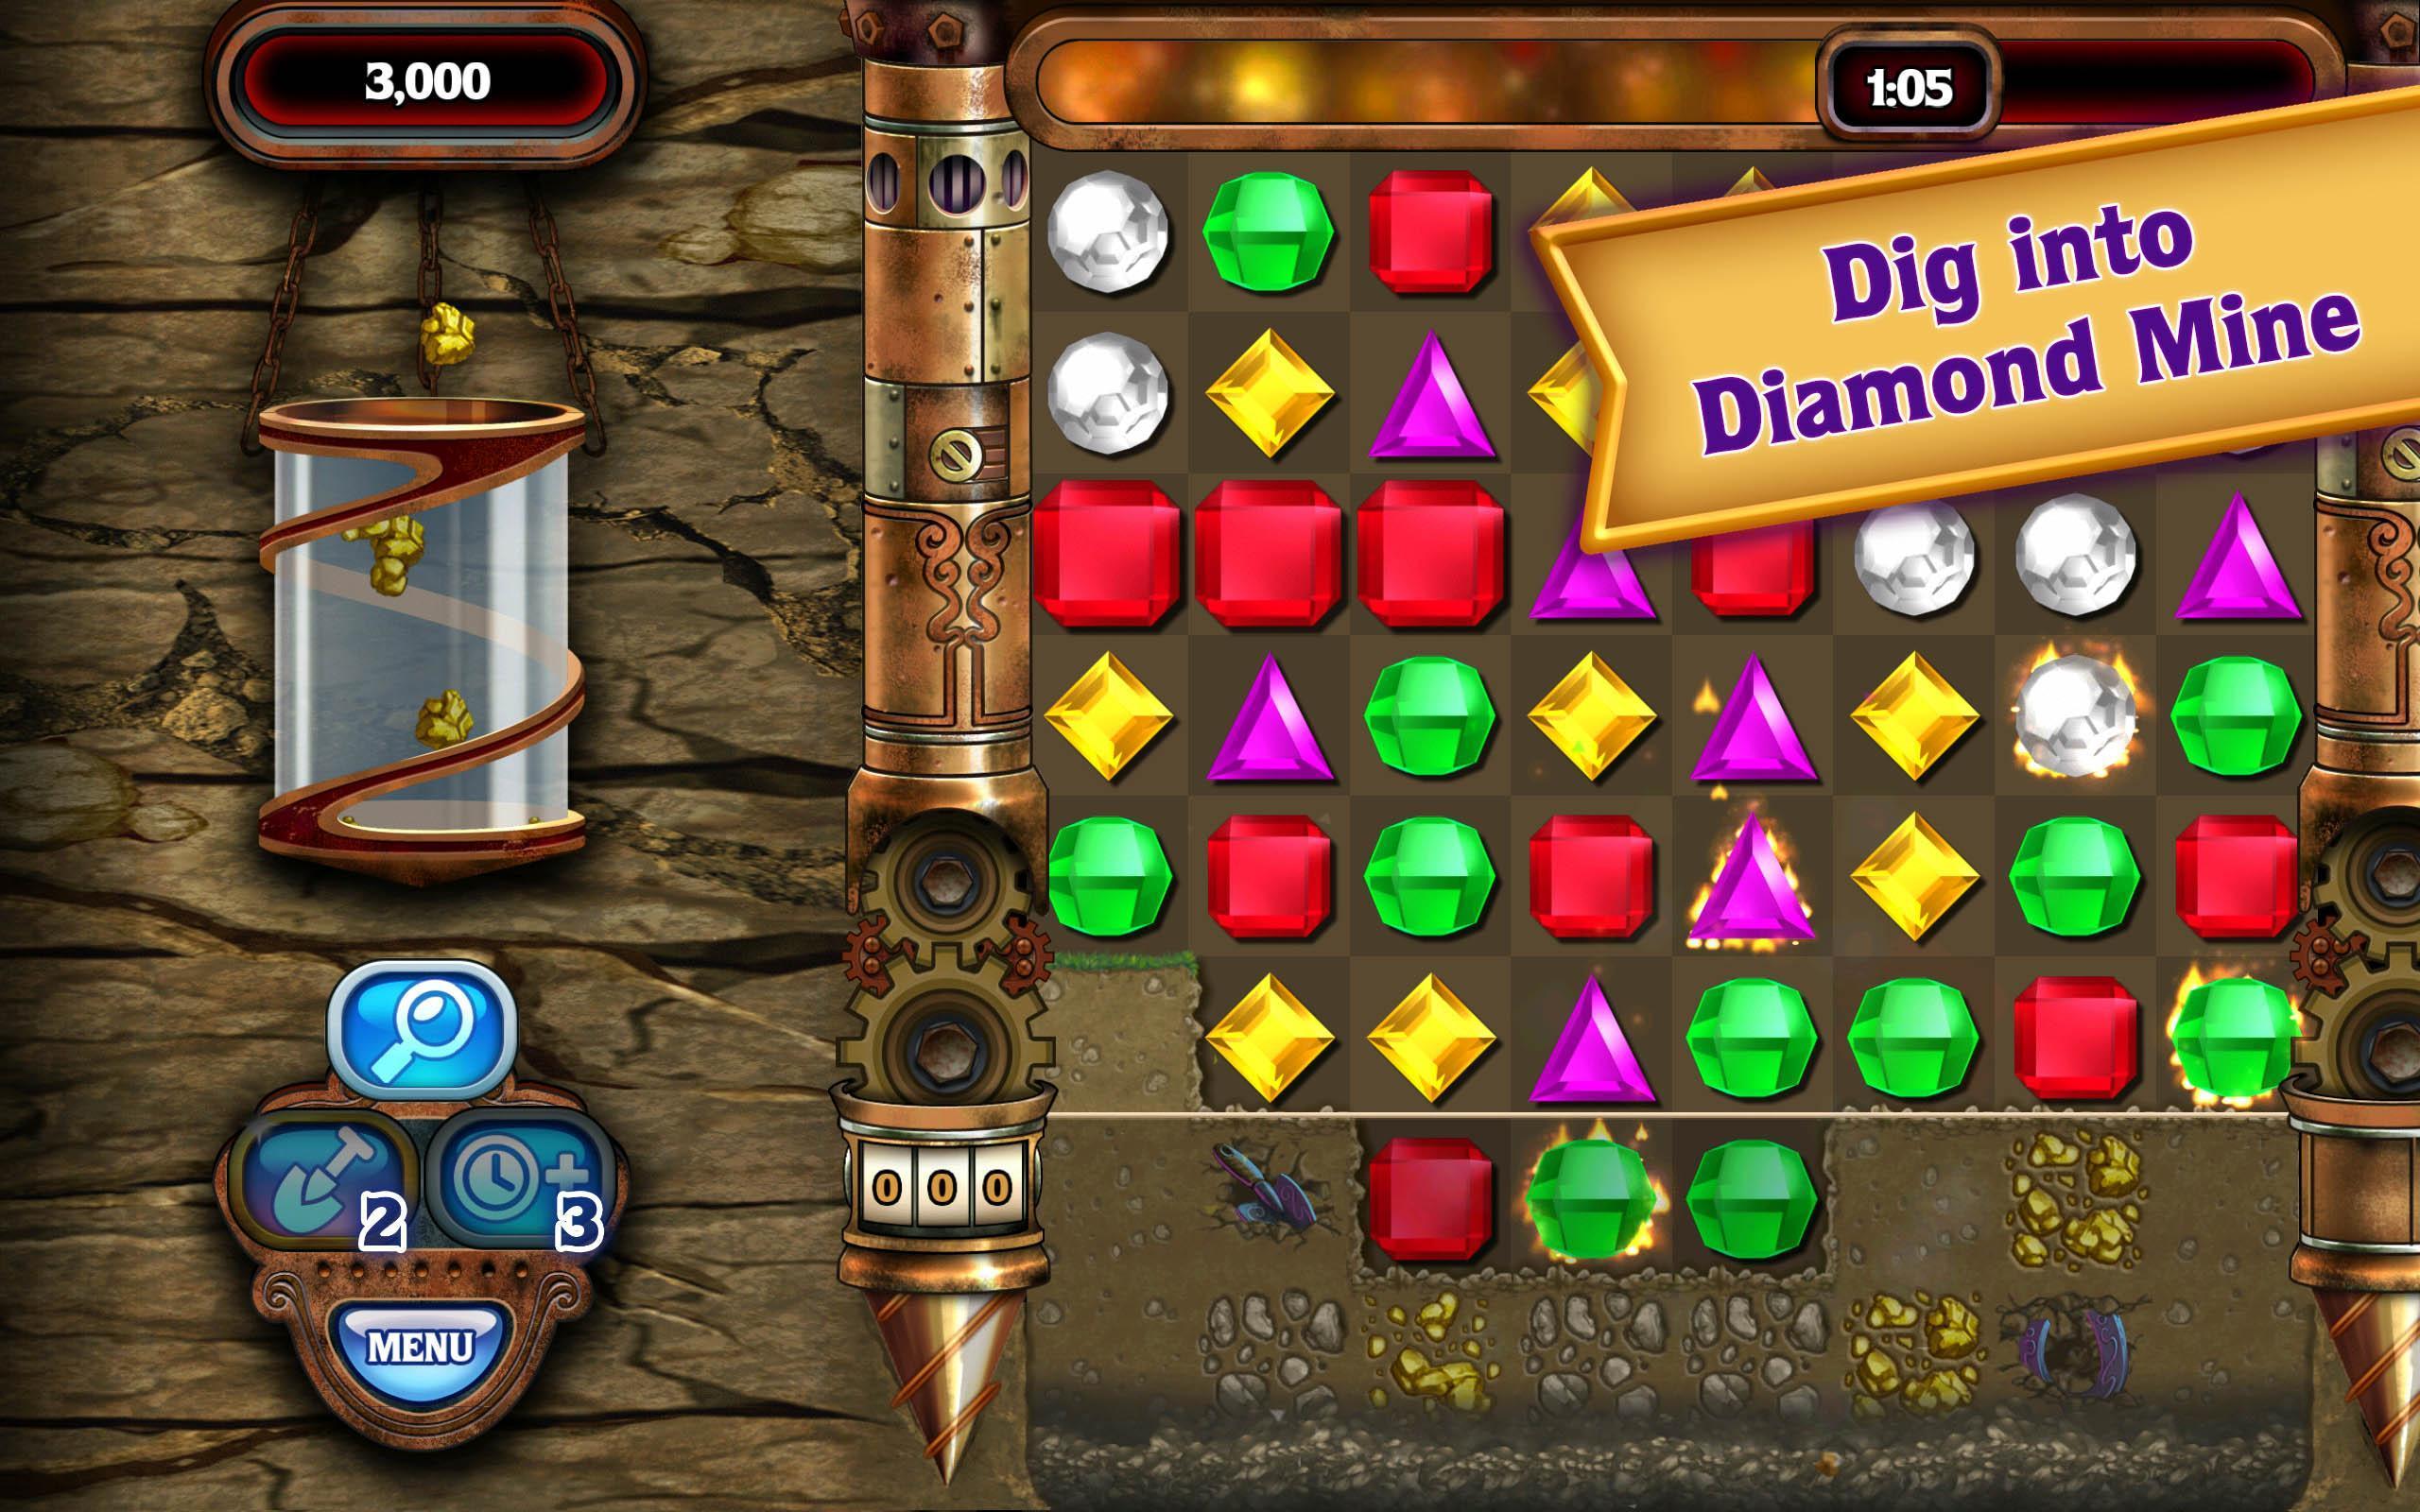 Bejeweled Classic Para Android Apk Baixar